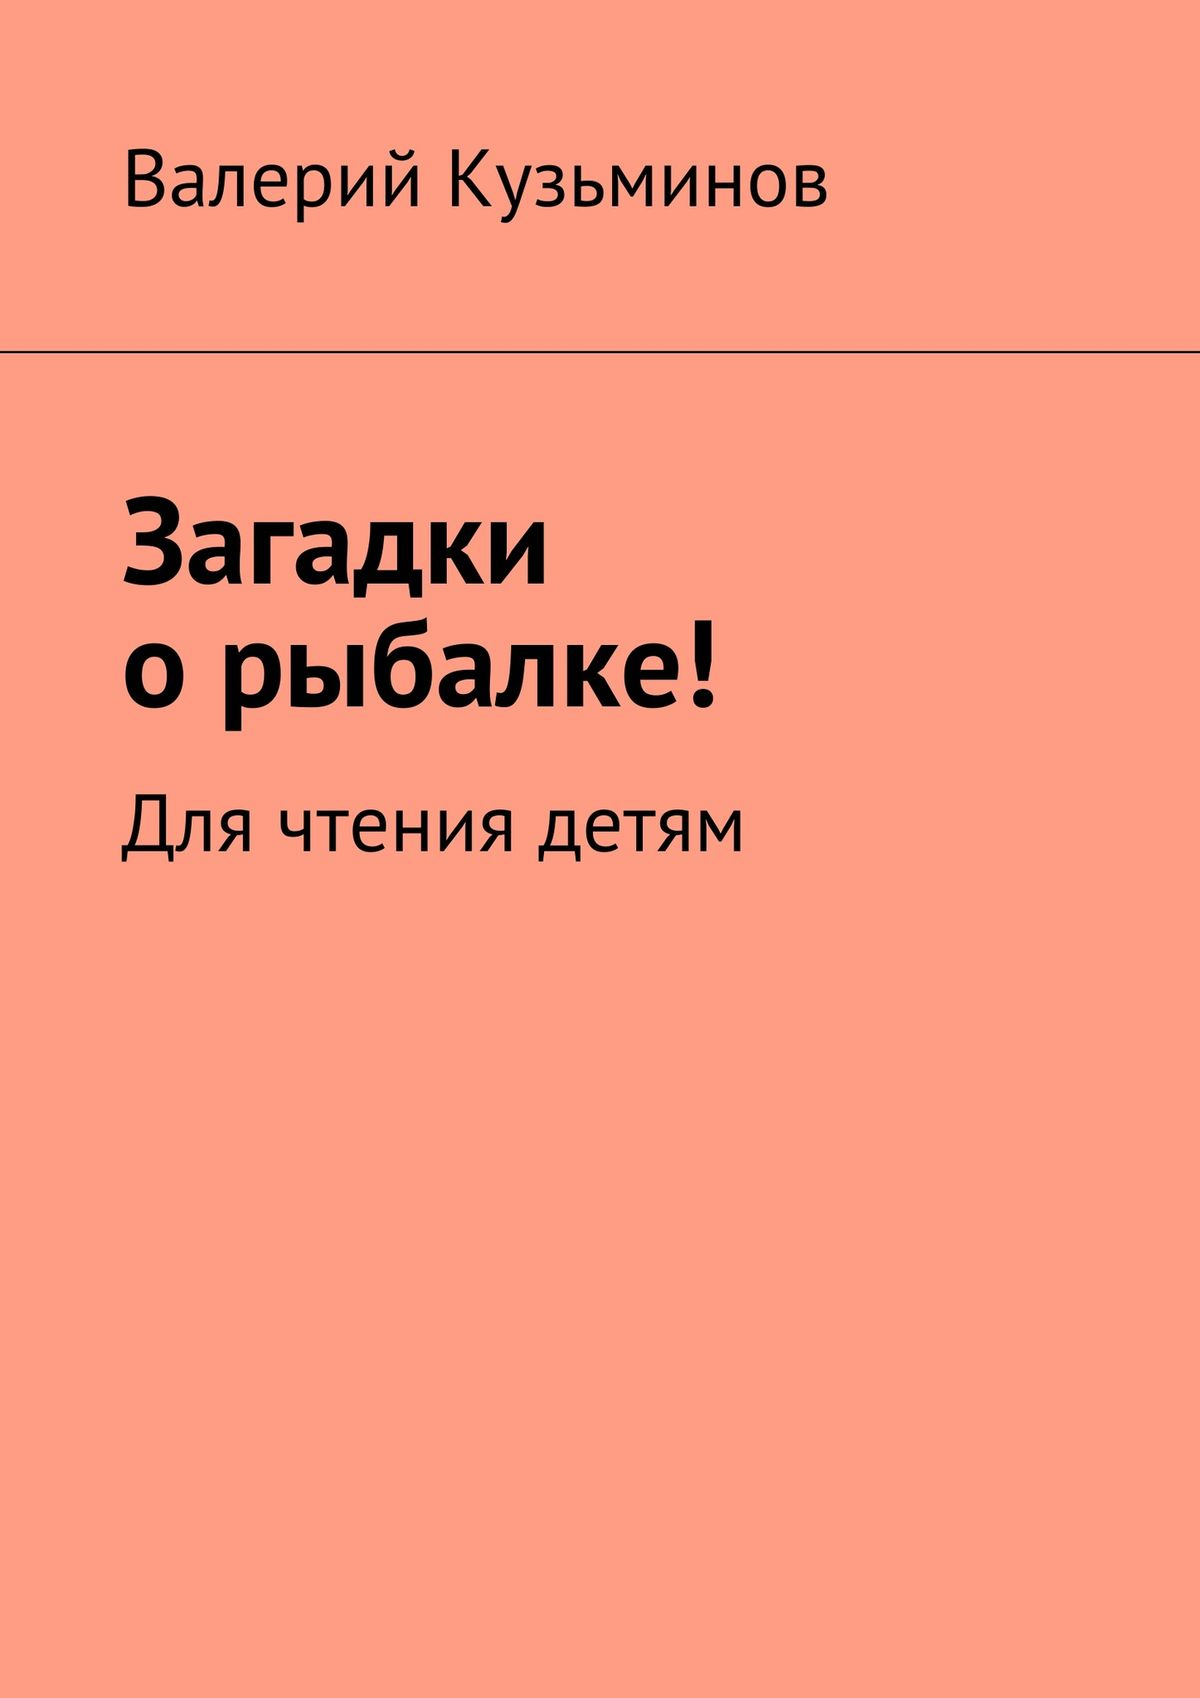 Валерий Кузьминов Загадки орыбалке! Для чтения детям мелисса бэнк руководство для девушек по охоте и рыбной ловле